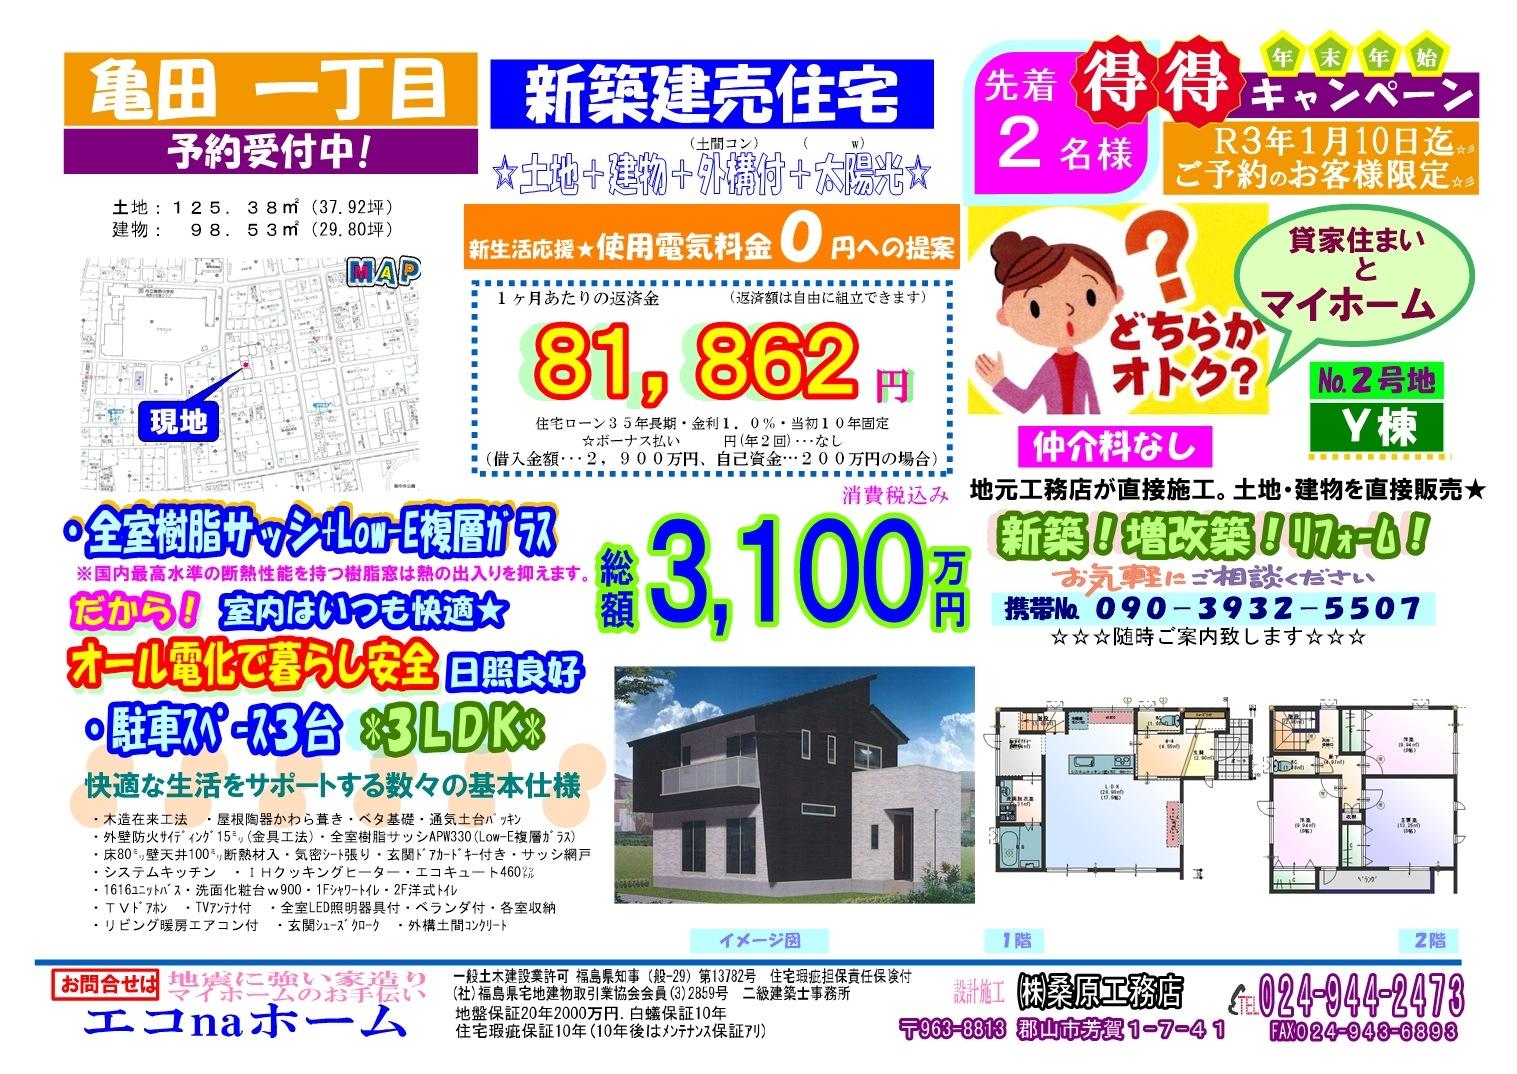 20201229 kameda_02_Y.jpg